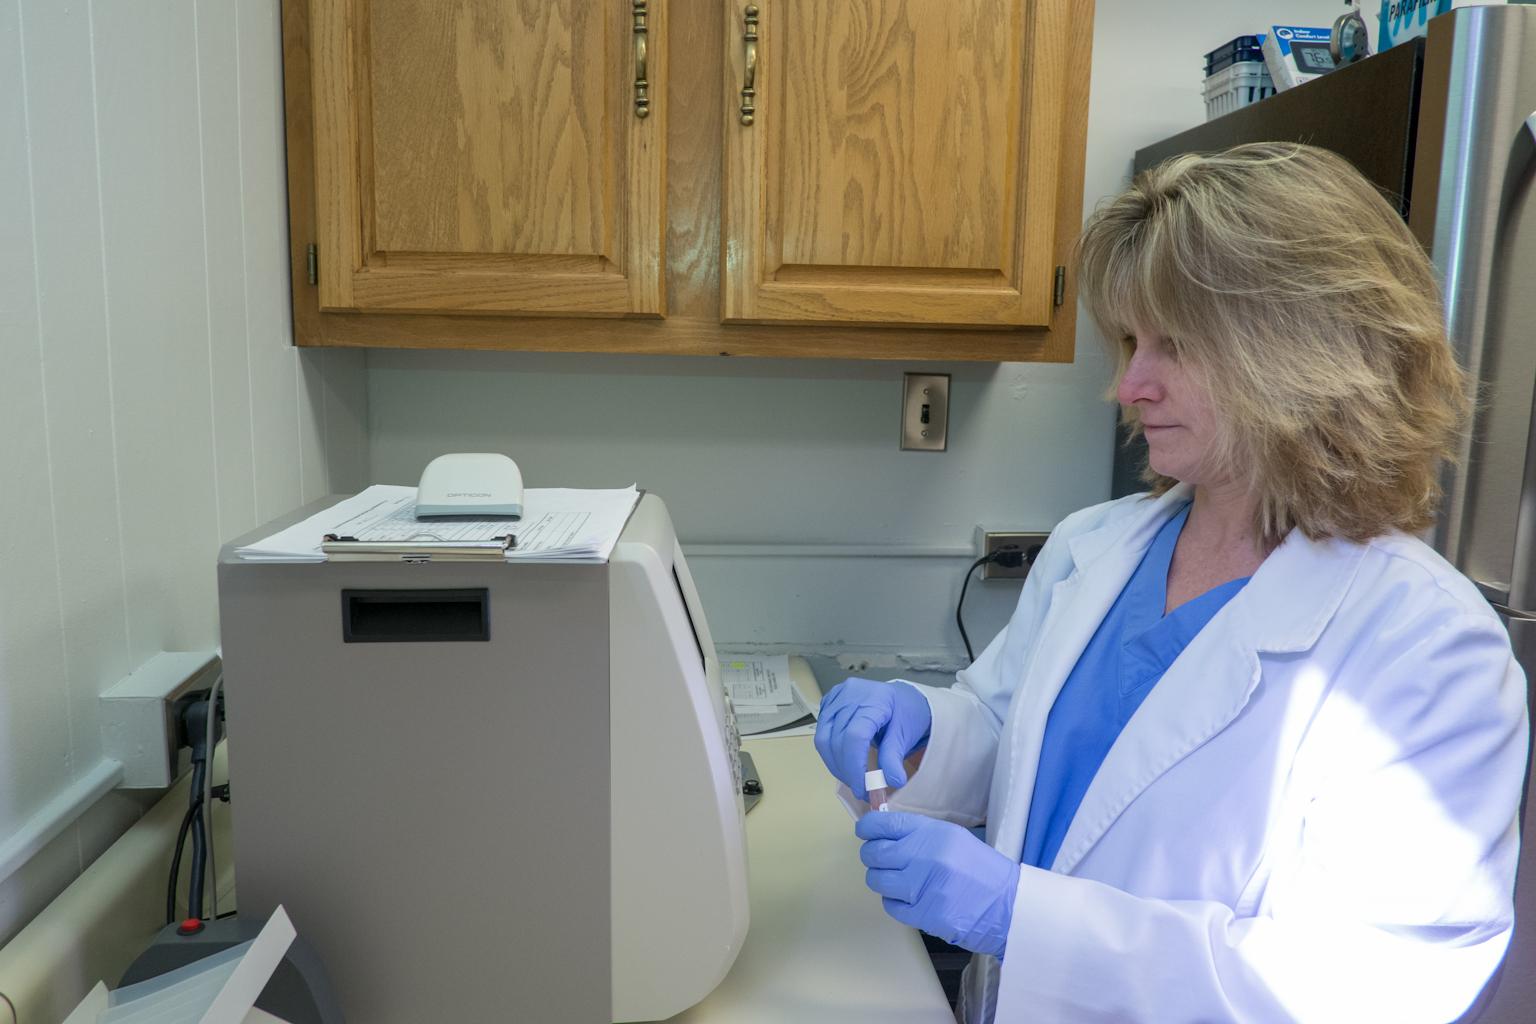 Athens Medical Testing